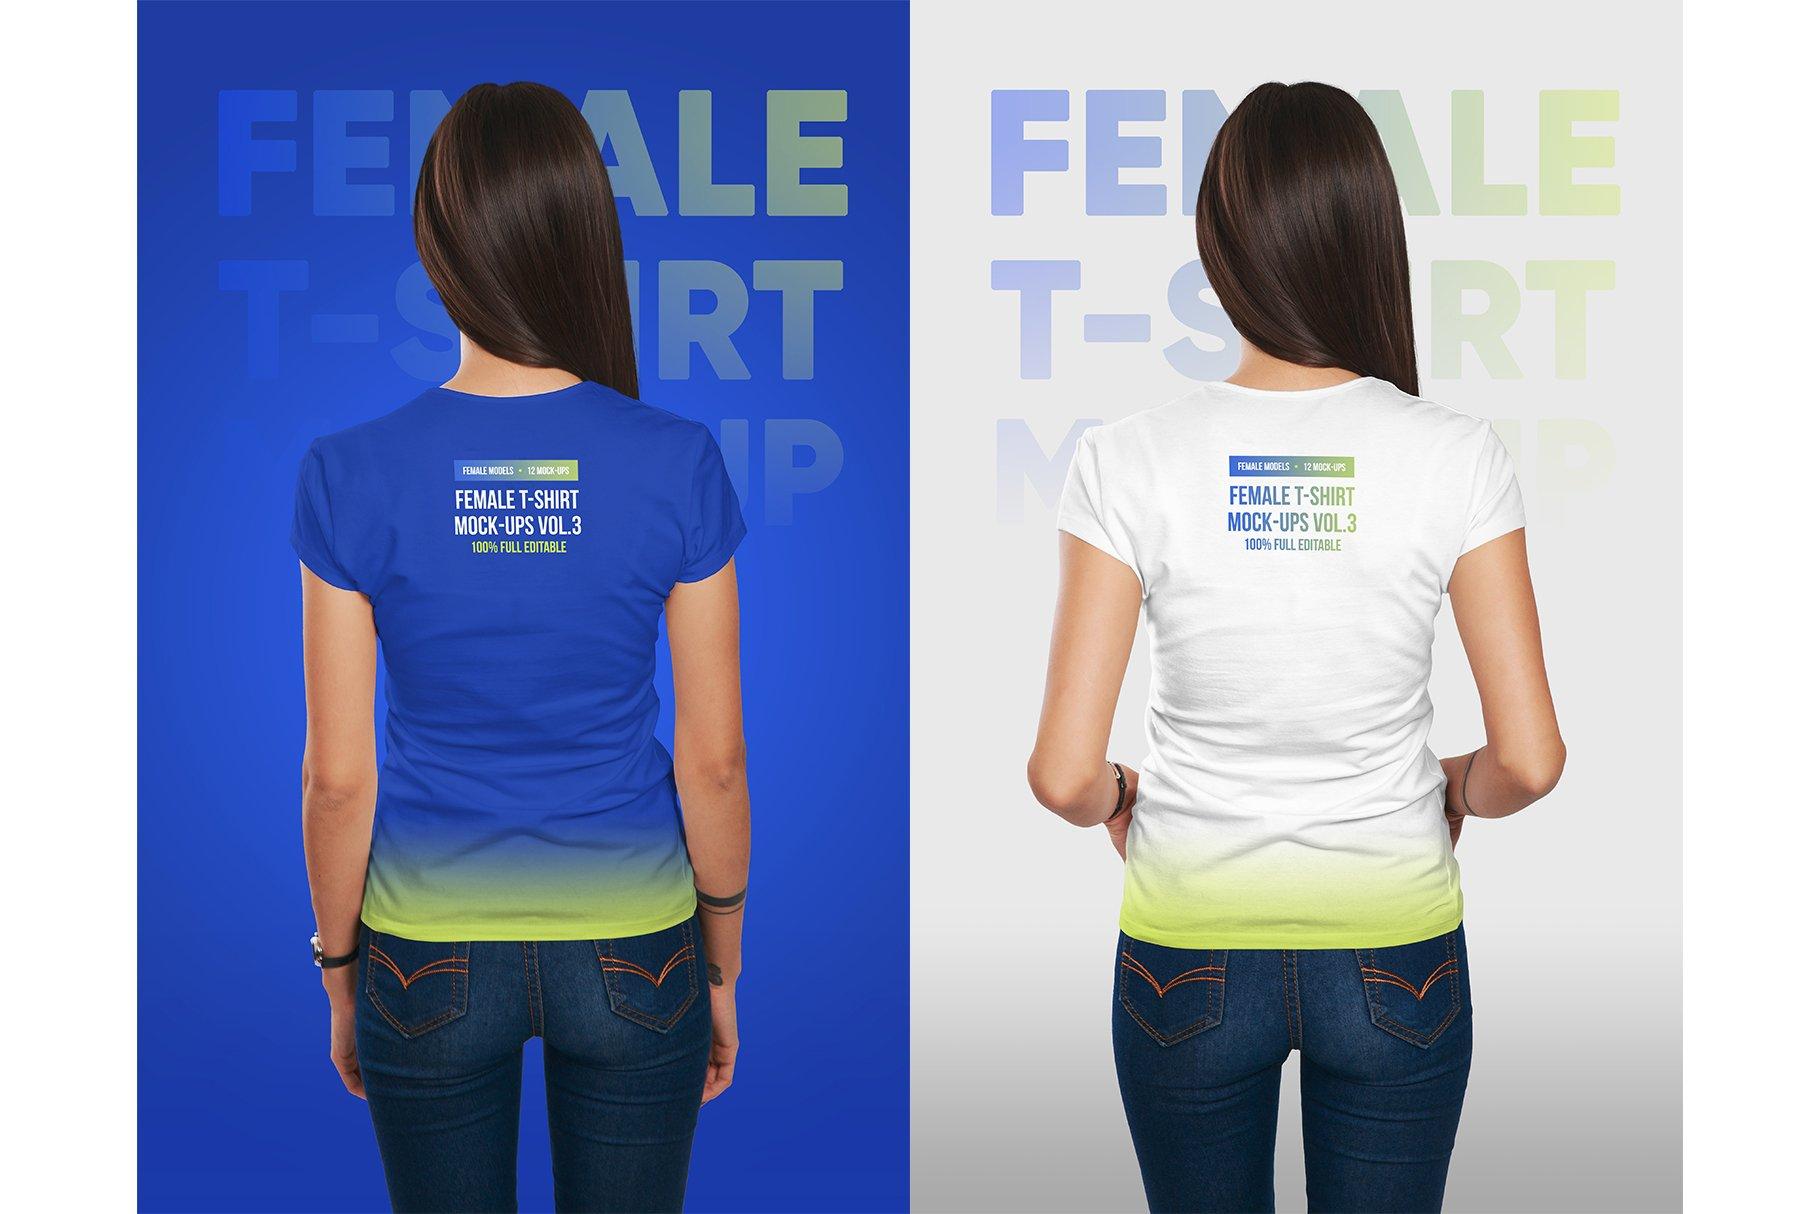 12款高品质女士半袖T恤印花图案设计展示PS智能贴图样机 Female T-Shirt Mockups Vol 3 Part 1插图5